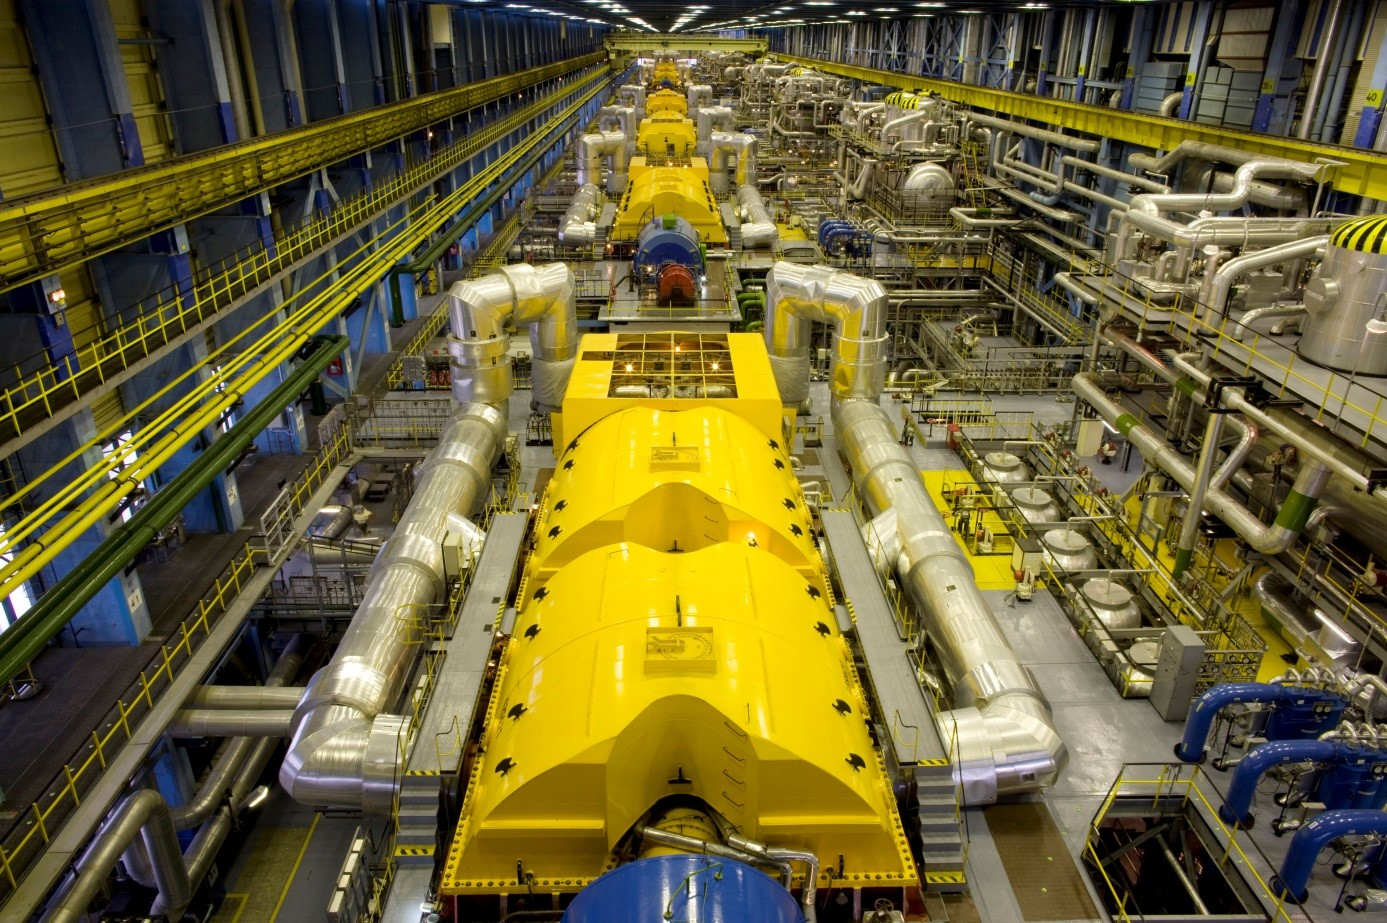 Ötéves csúcsra emelkedett júliusban a hazai villamosenergia-fogyasztás